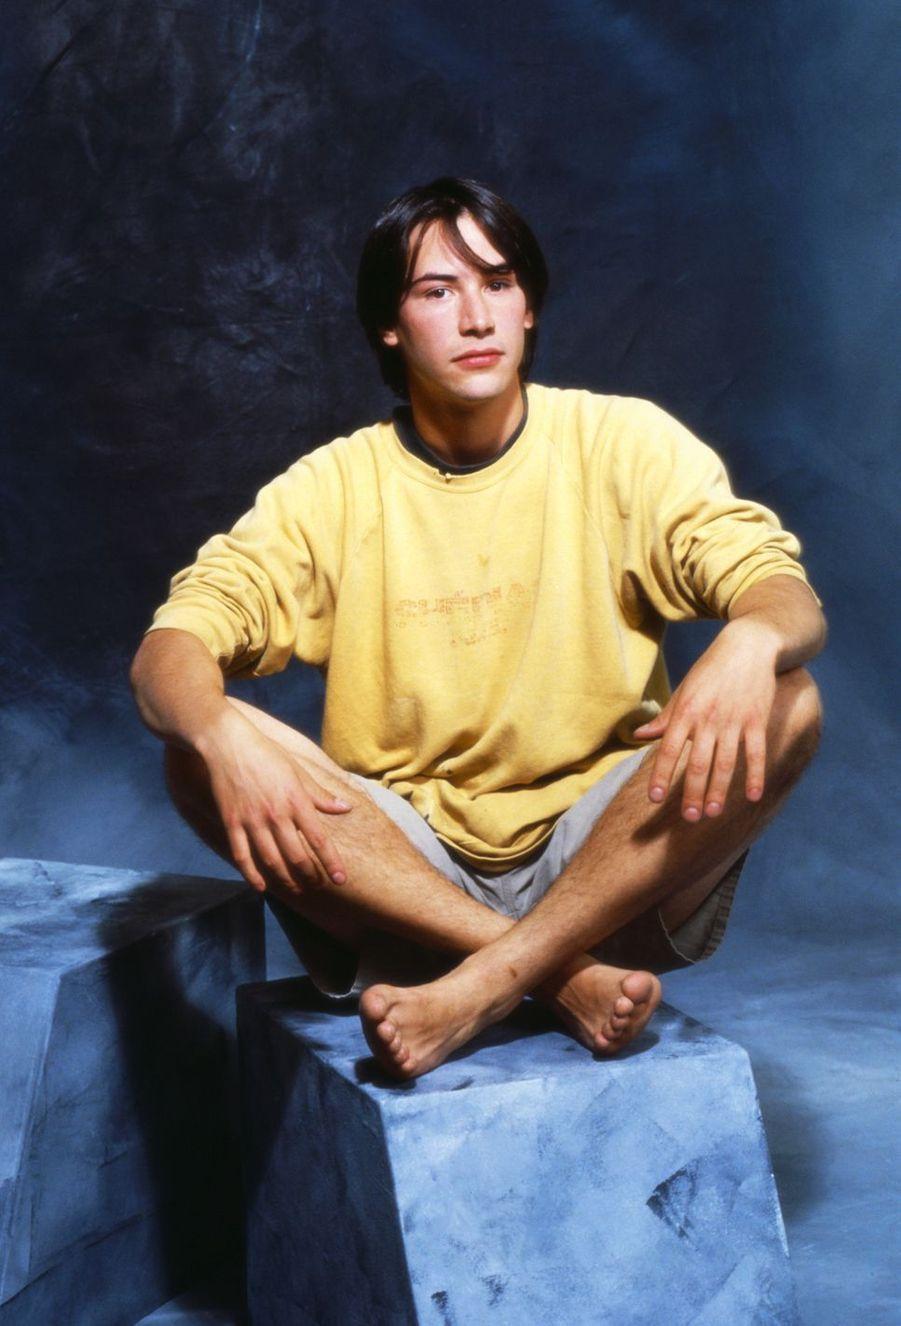 Keanu Reeves au début de sa carrière dans les années 1980